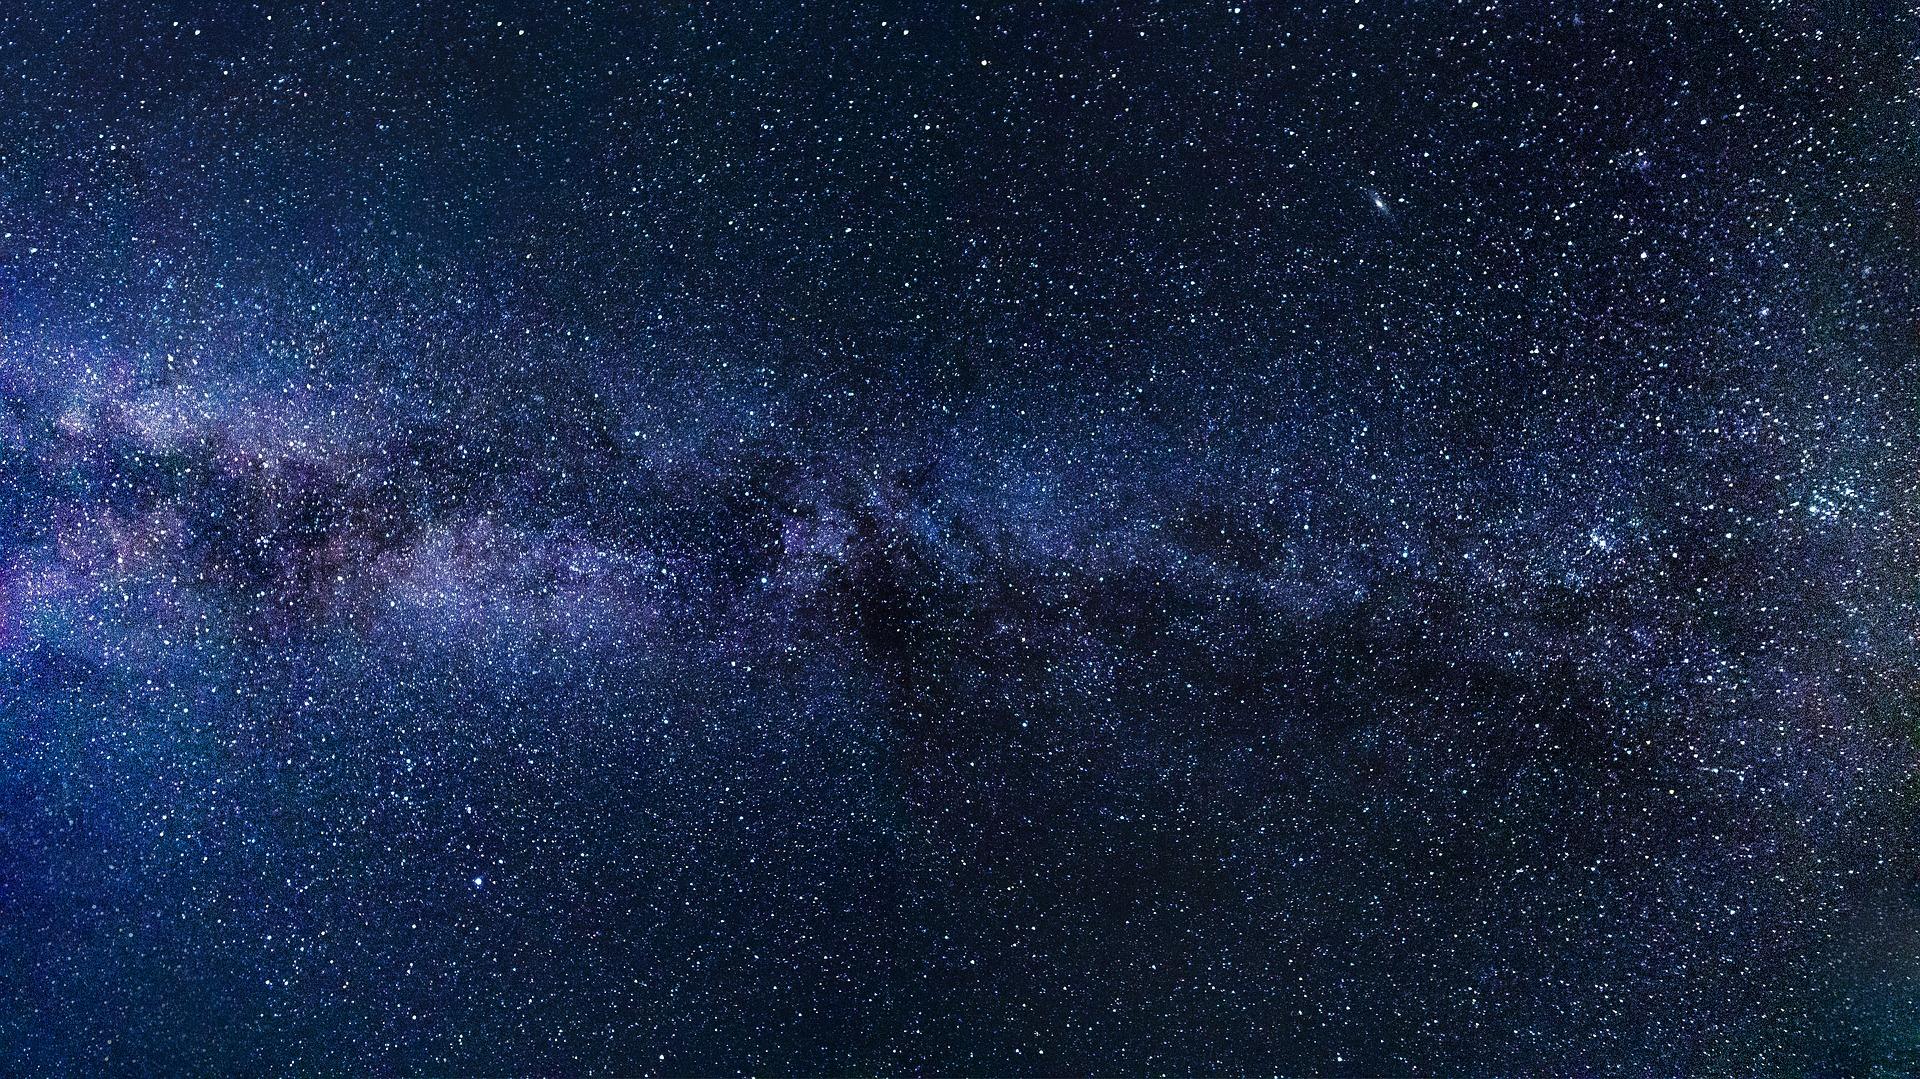 #2 Droga mleczna - gwiazdy, gwiazdozbiór, astronomia